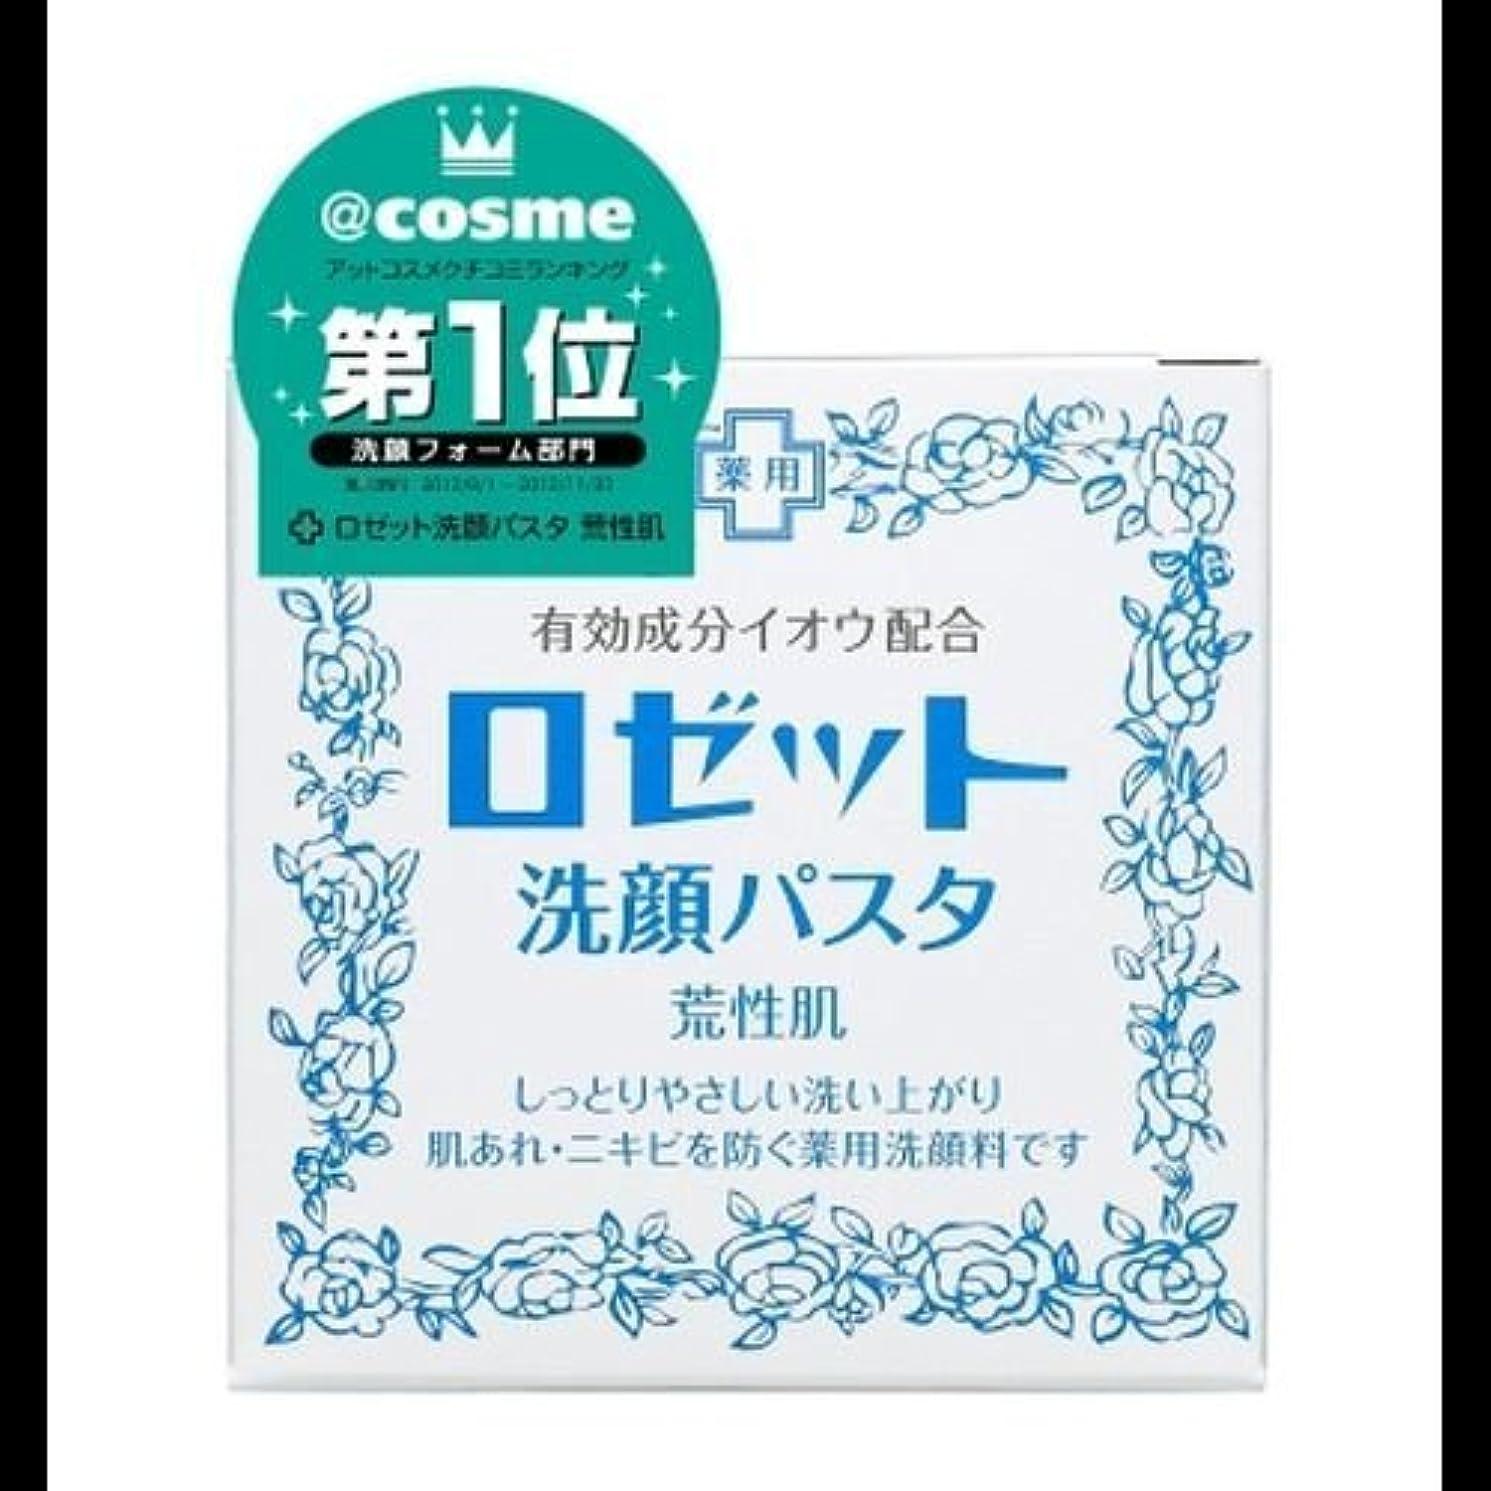 邪悪なアルネ打ち負かす【まとめ買い】ロゼット 洗顔パスタ 荒性90g ×2セット